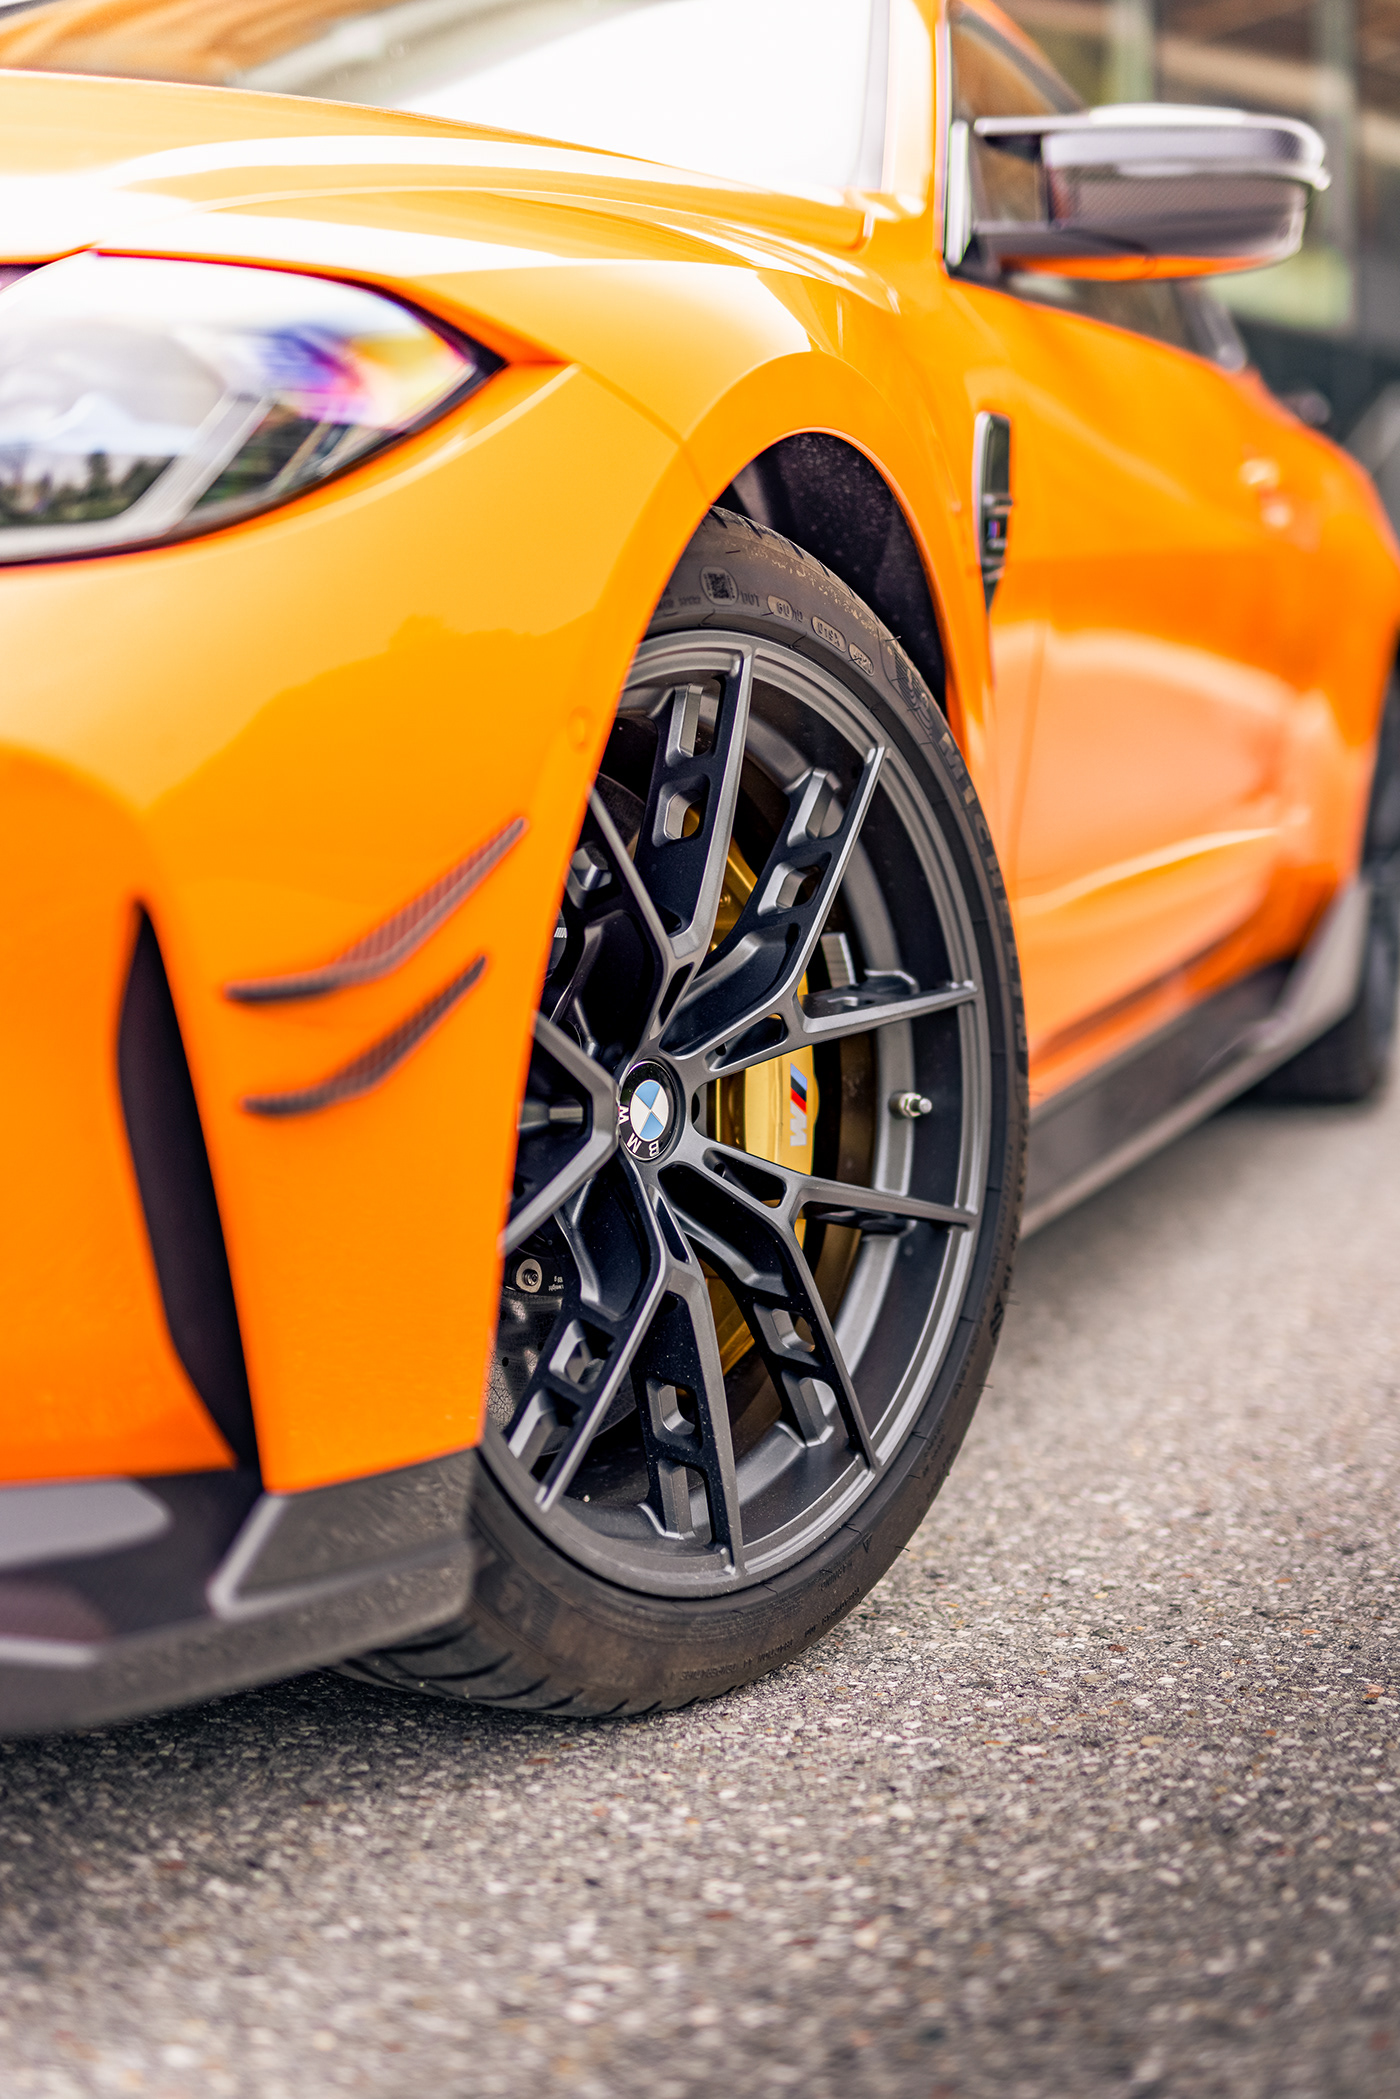 BMW bmw m bmw m4 m performance m4